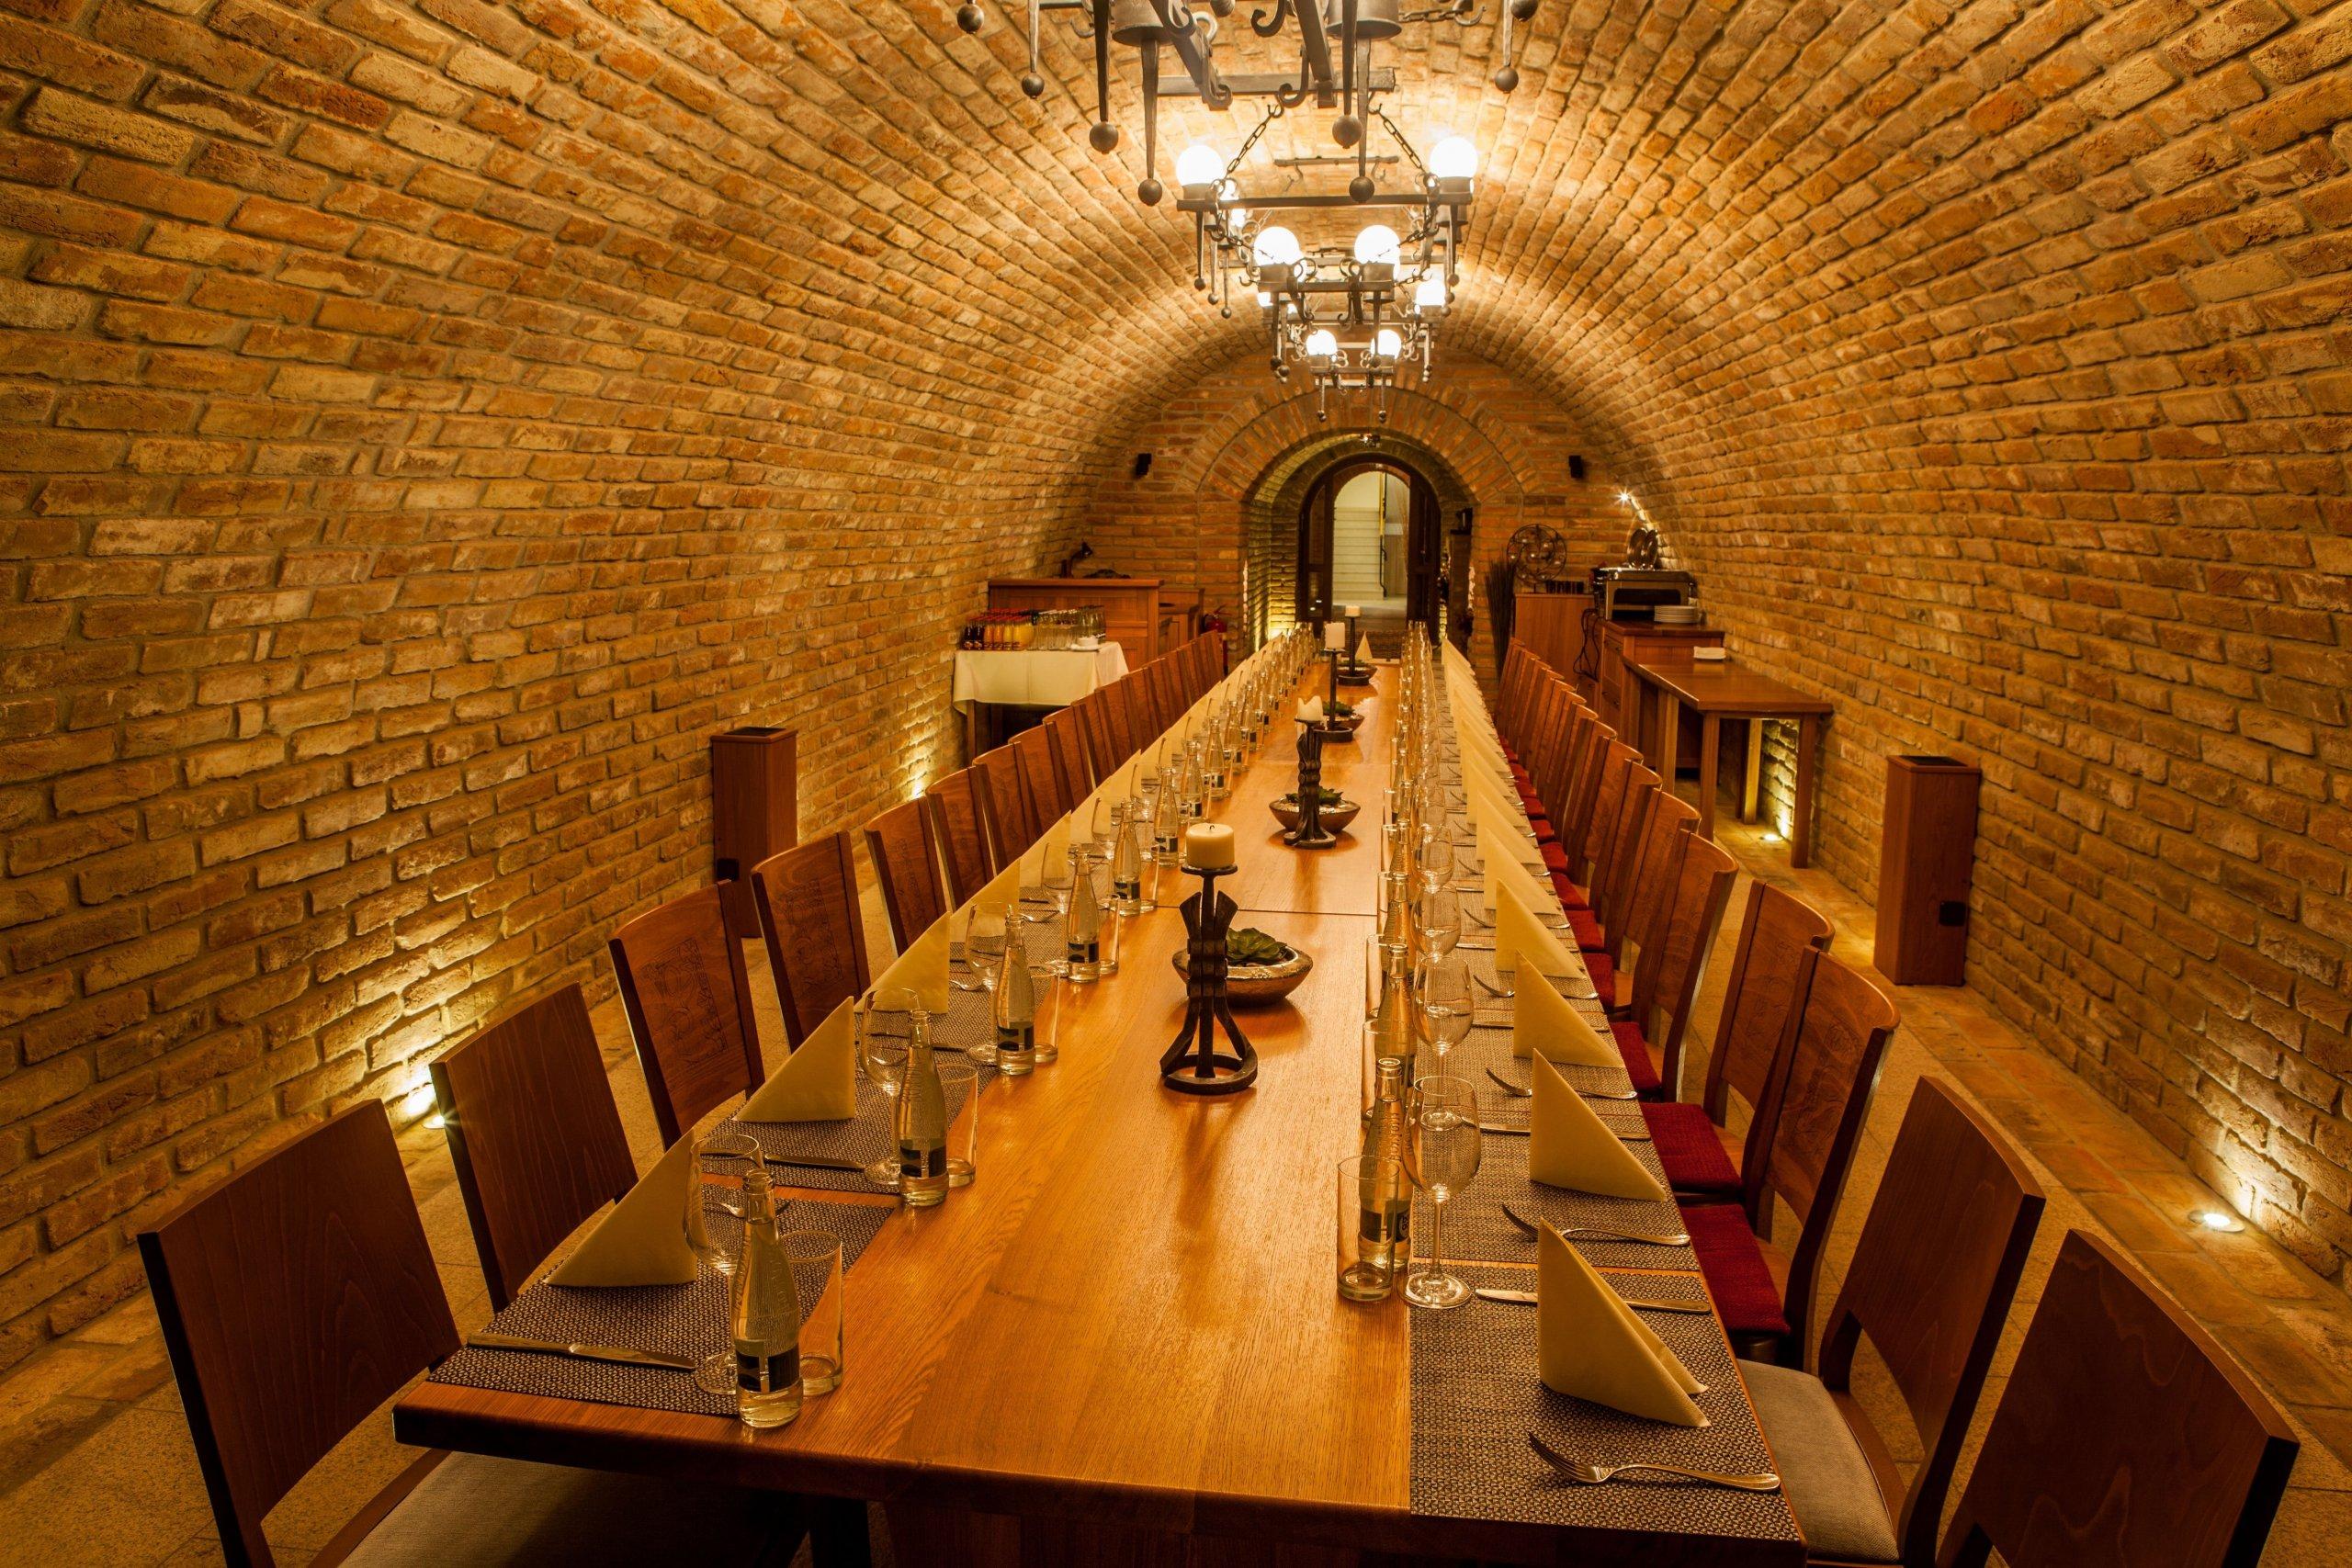 Šlechtitelská stanice vinařská ve Velkých Pavlovicích je v současné době akciovou společností hospodařící na vlastních i pronajatých vinicích, vyrábějící víno,…